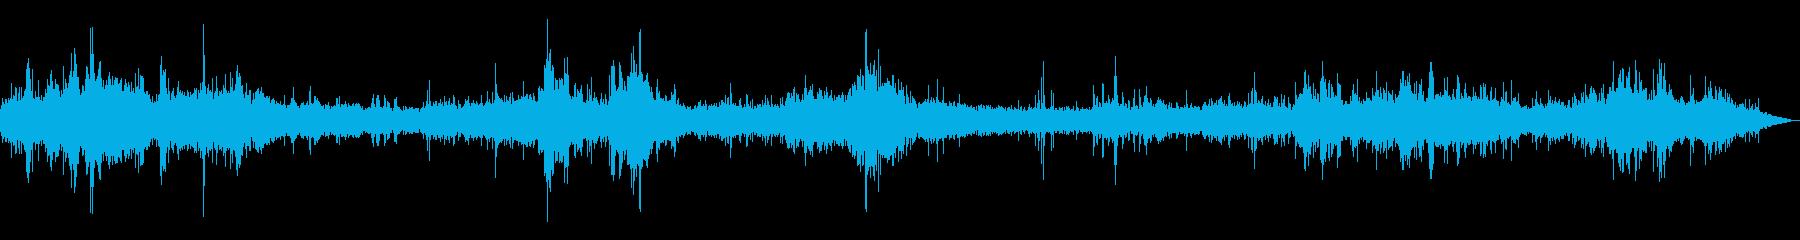 [生録音]台風通過時の室内音01の再生済みの波形